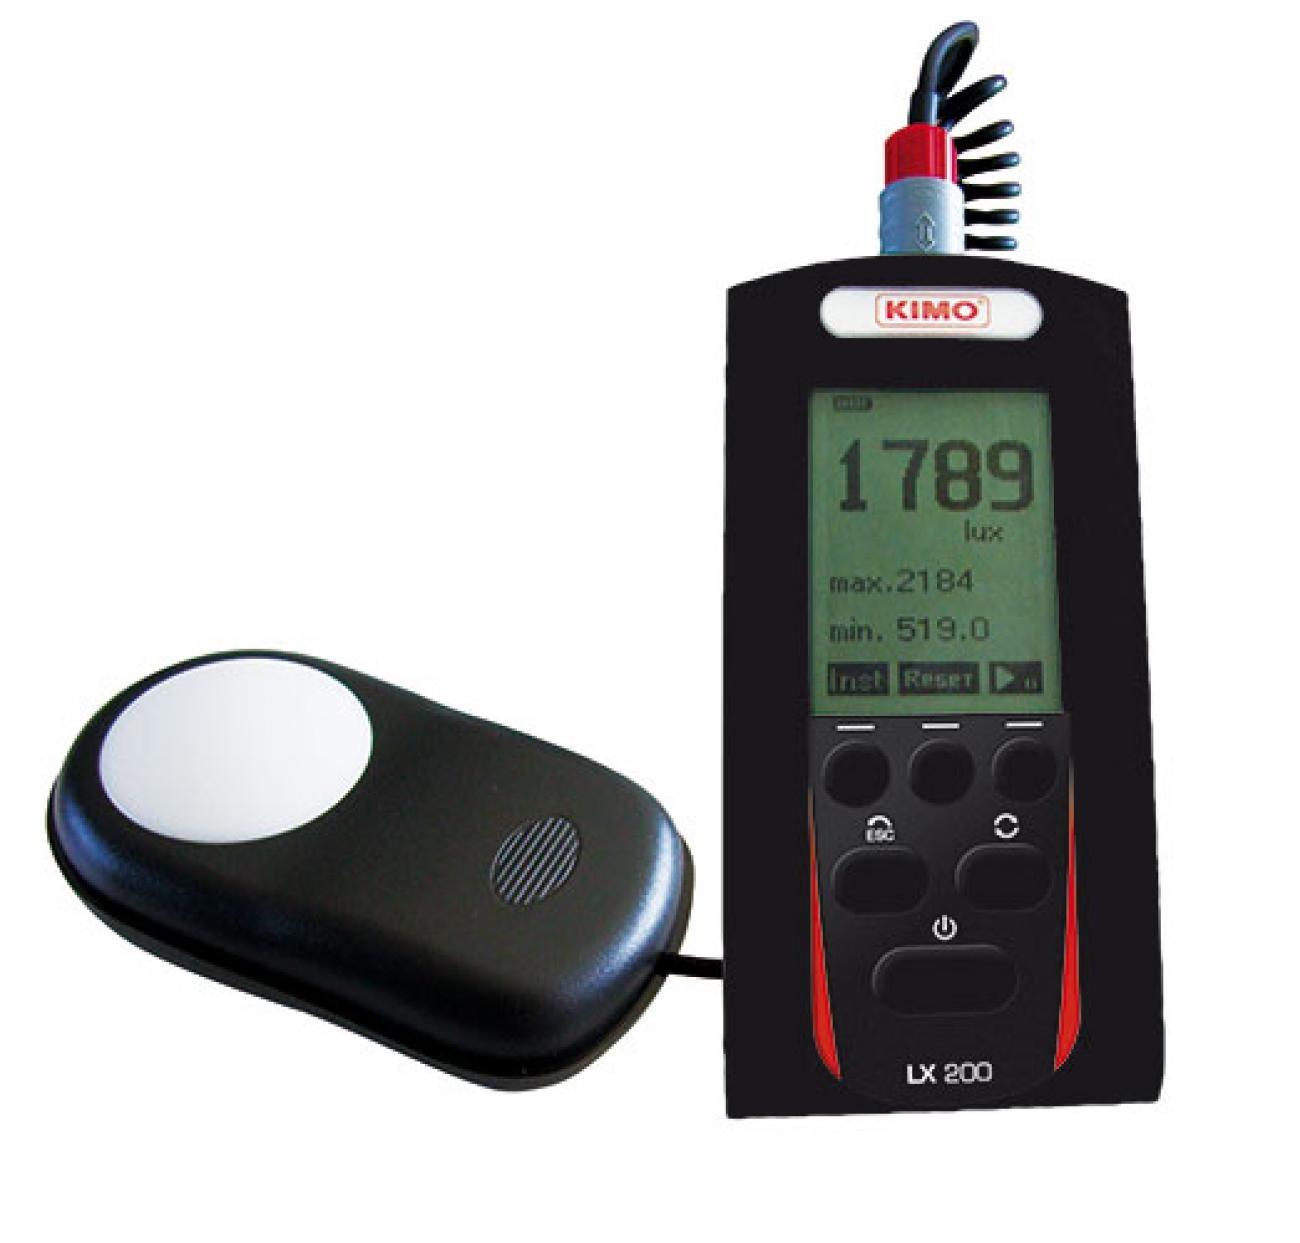 Máy đo độ sáng cầm tay LX 200